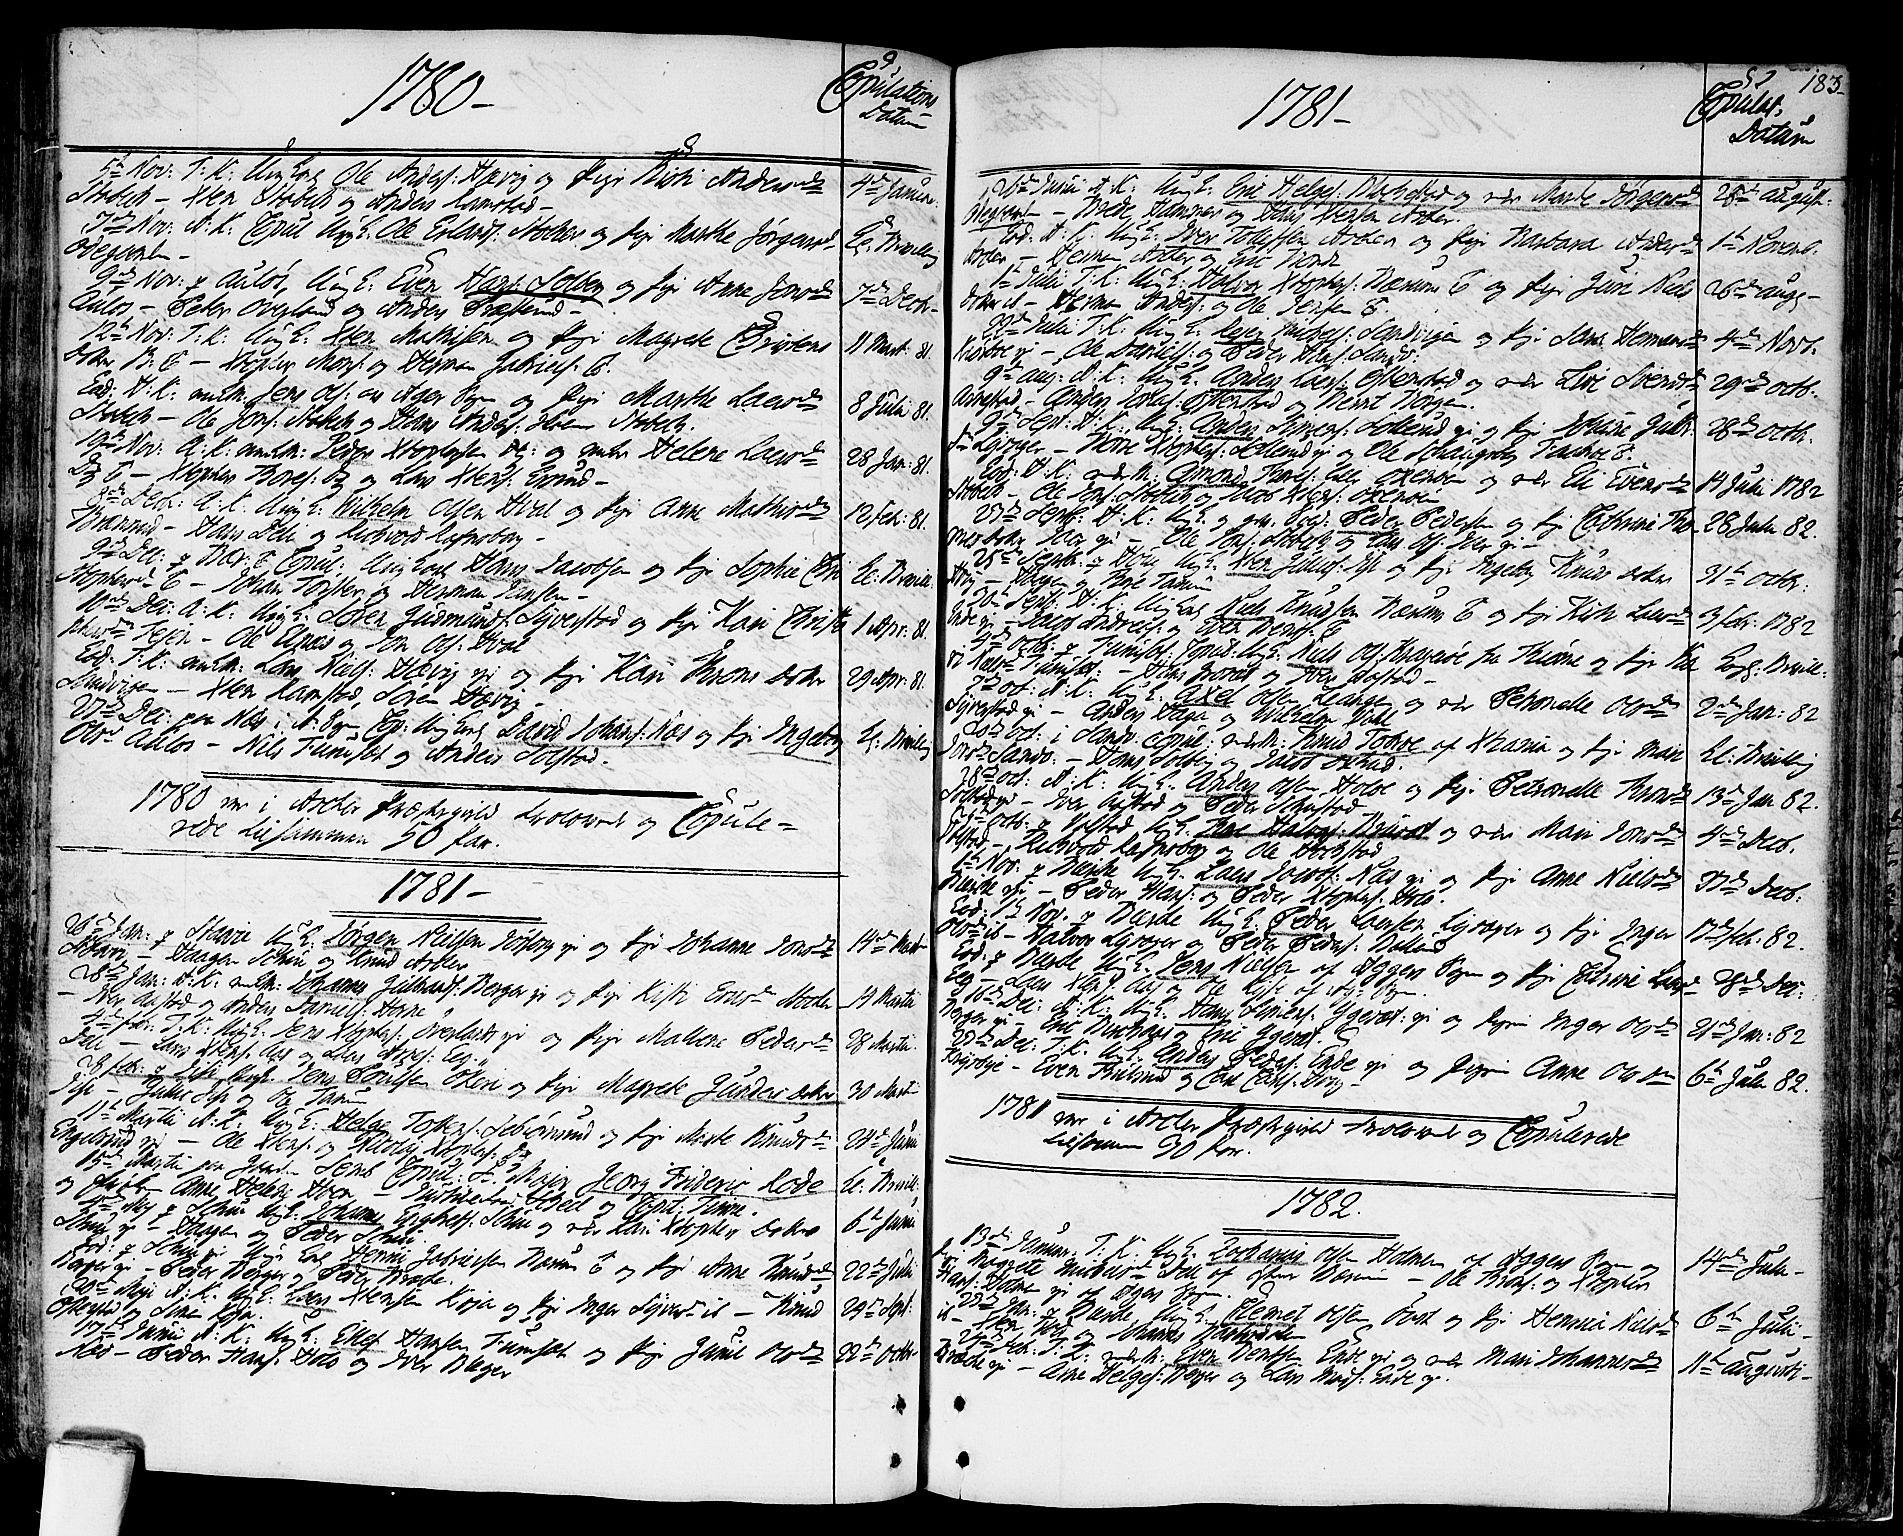 SAO, Asker prestekontor Kirkebøker, F/Fa/L0003: Ministerialbok nr. I 3, 1767-1807, s. 183